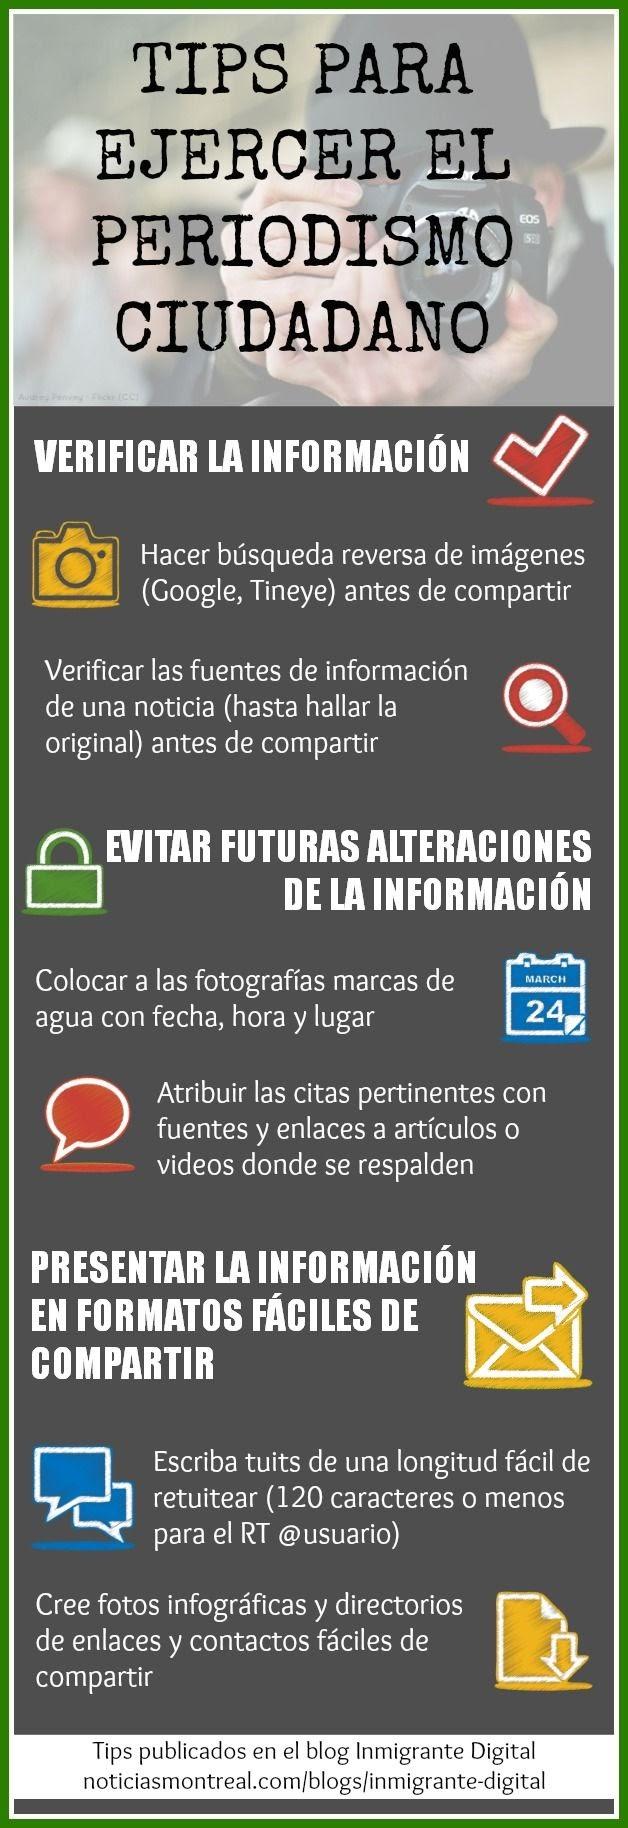 Tips para ejercer el periodismo ciudadano (Infografía)